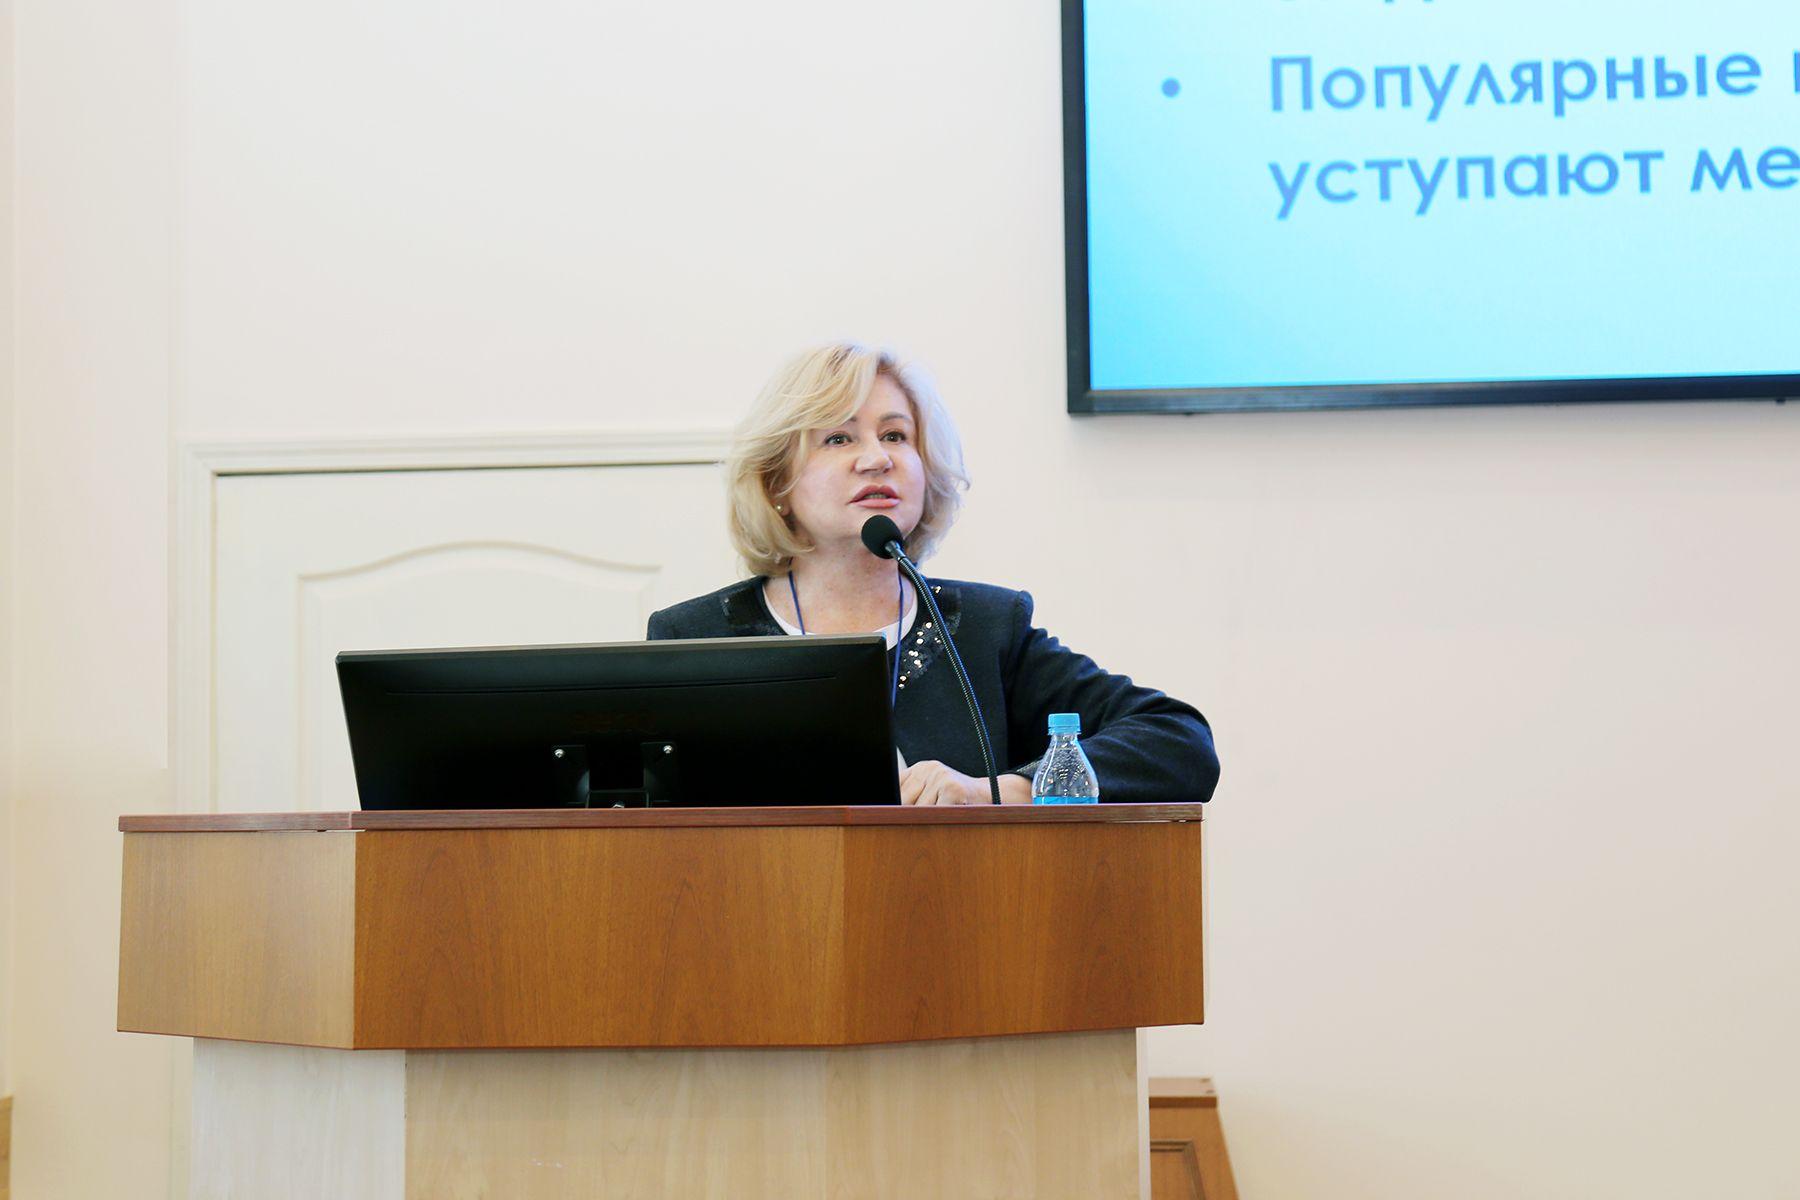 Заседание Ученого совета ВГУЭС: итоги приемной кампании 2020 и награды в честь 80-летия профтехобразования РФ